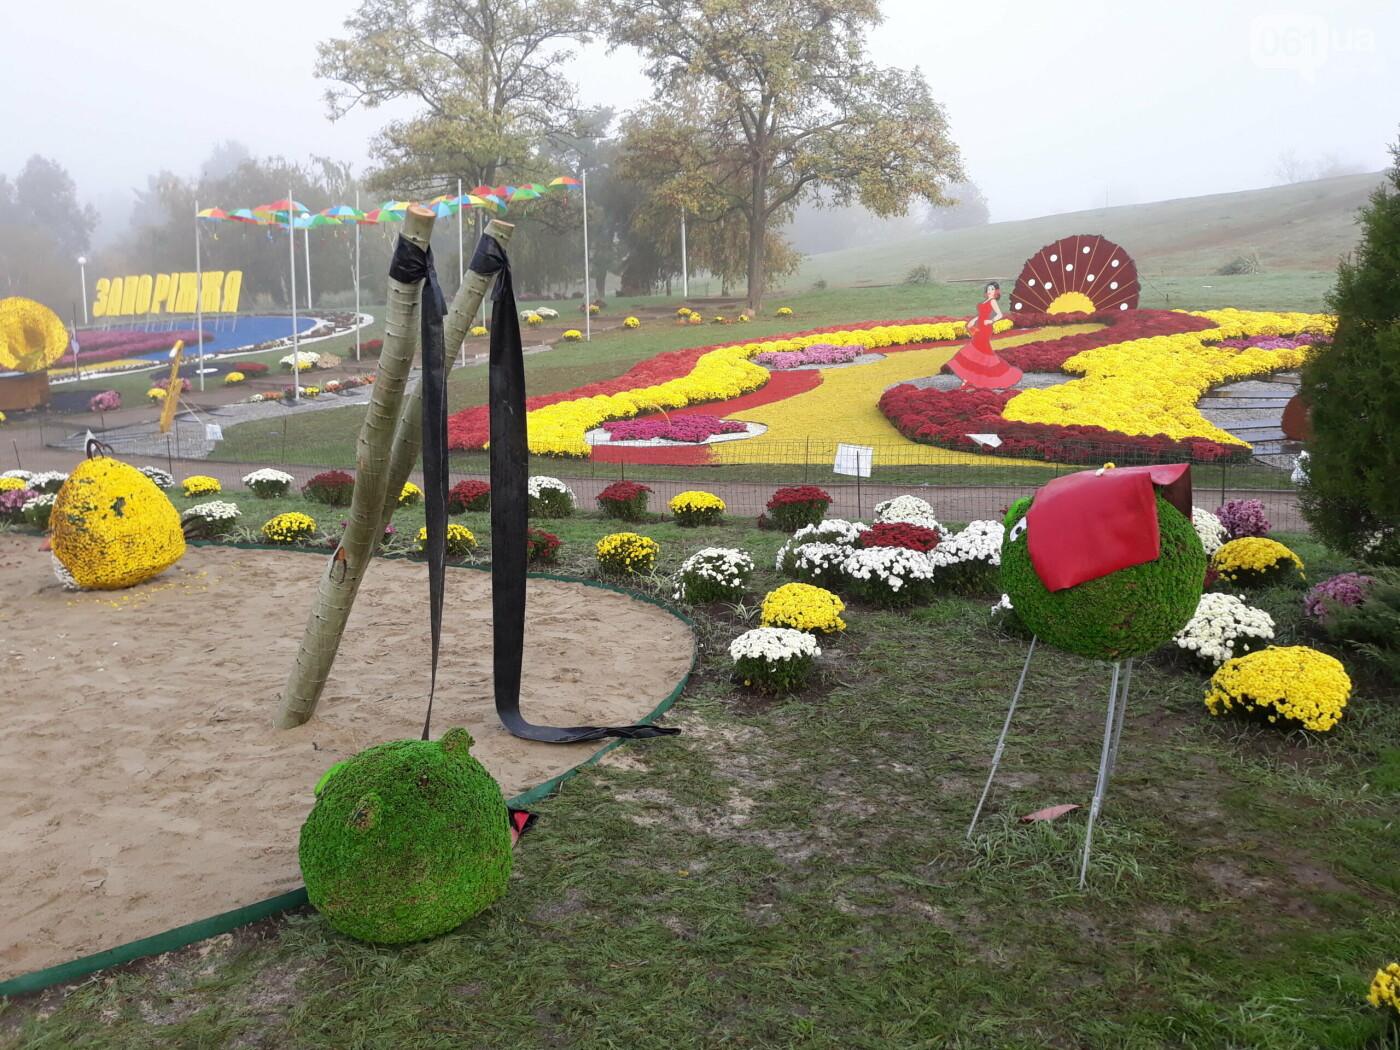 20201015083126 scaled 5f8814add0941 - Запорожцы повредили цветочные композиции в Вознесеновском парке, - ФОТО